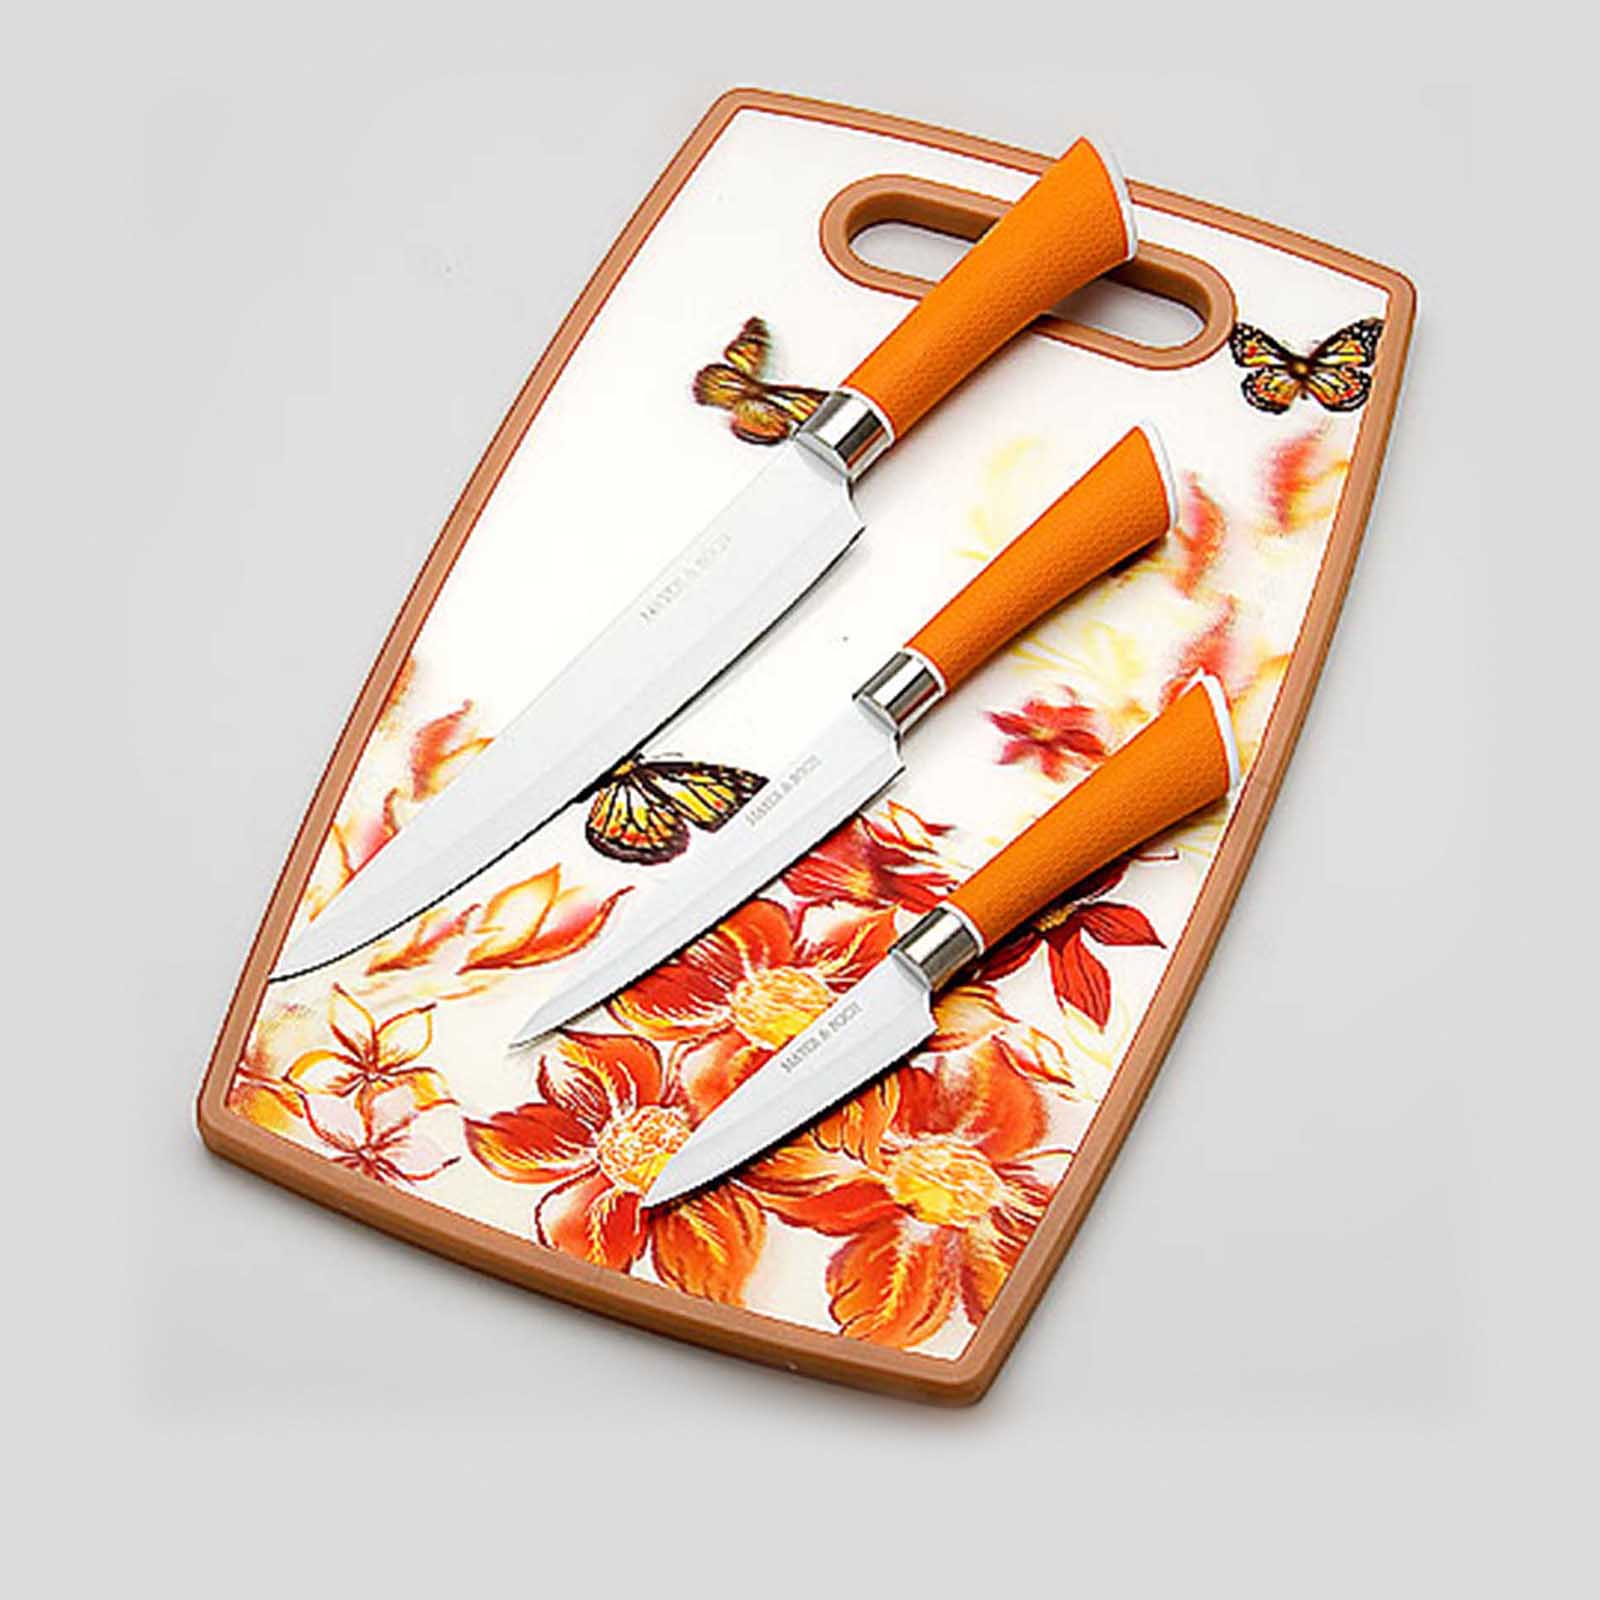 Набор ножей с доской «Акварель», 4 предмета